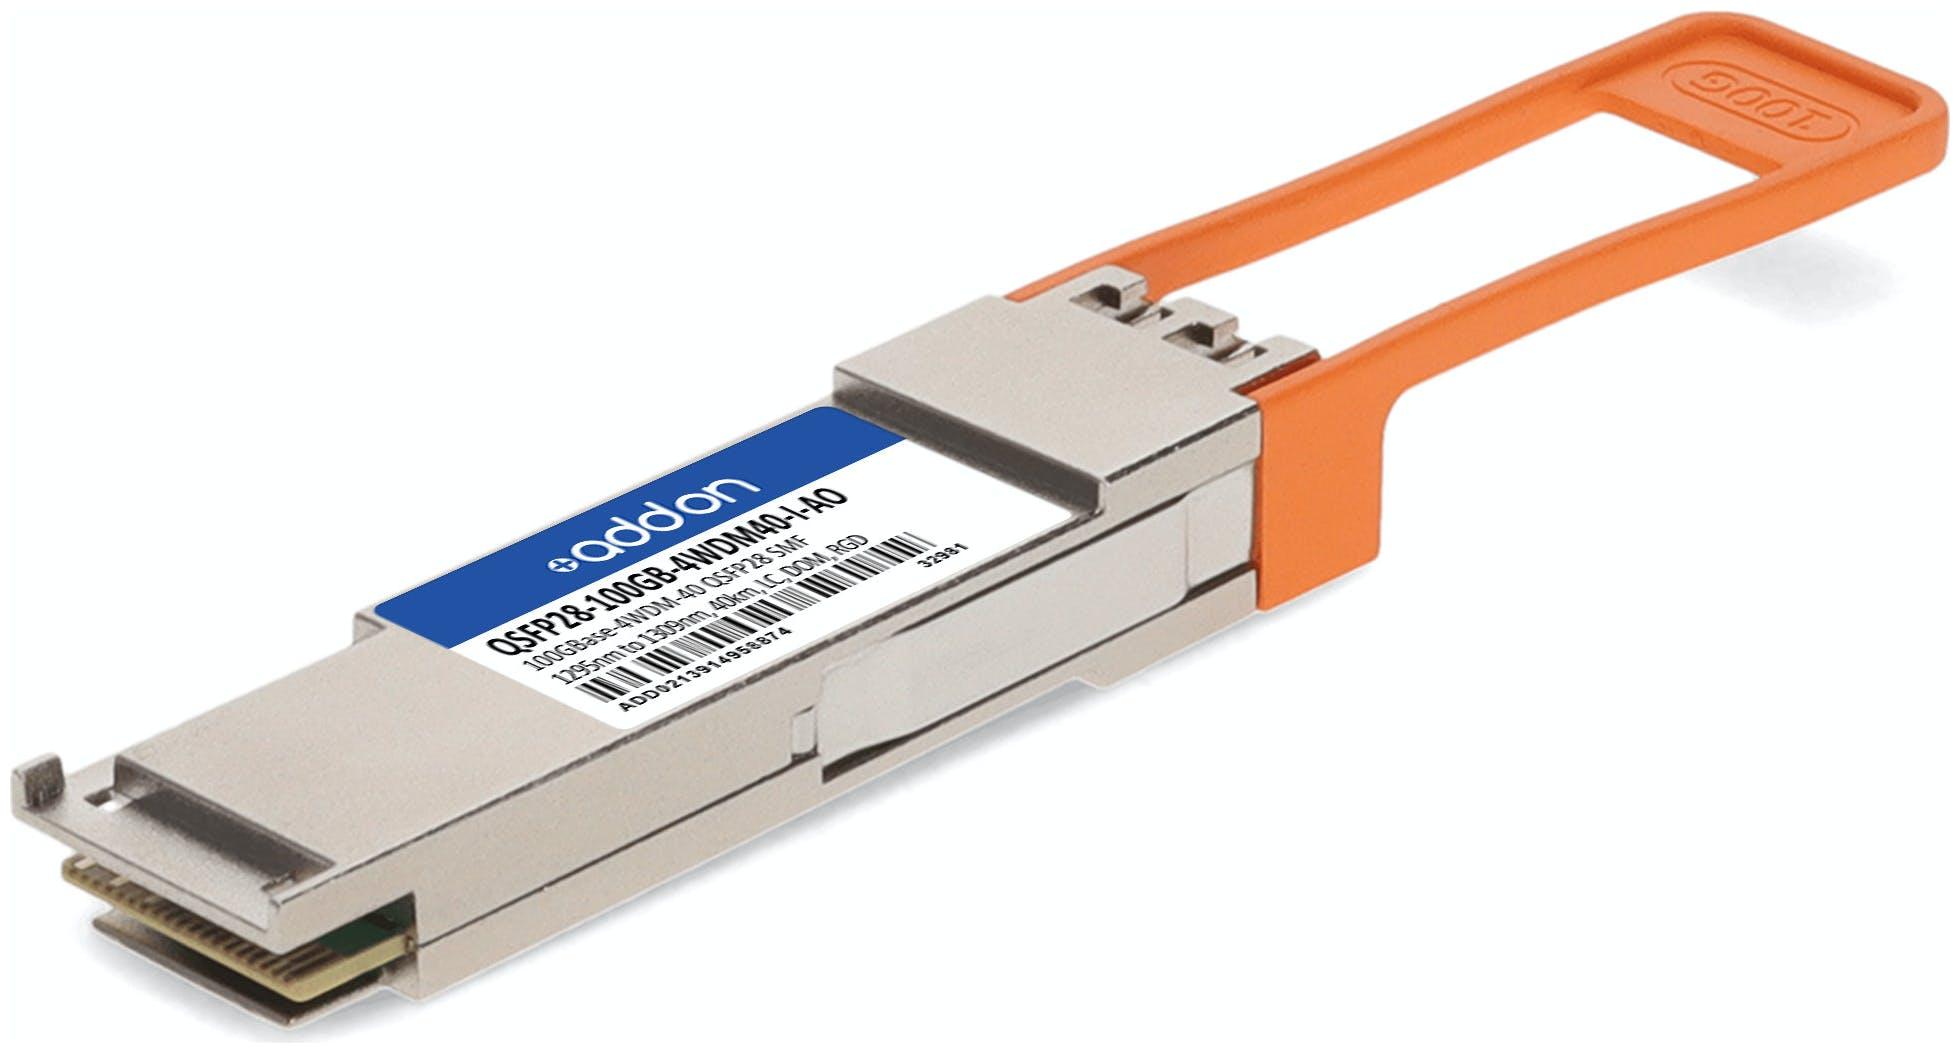 QSFP28 100G 4WDM40 ITEMP Transceiver